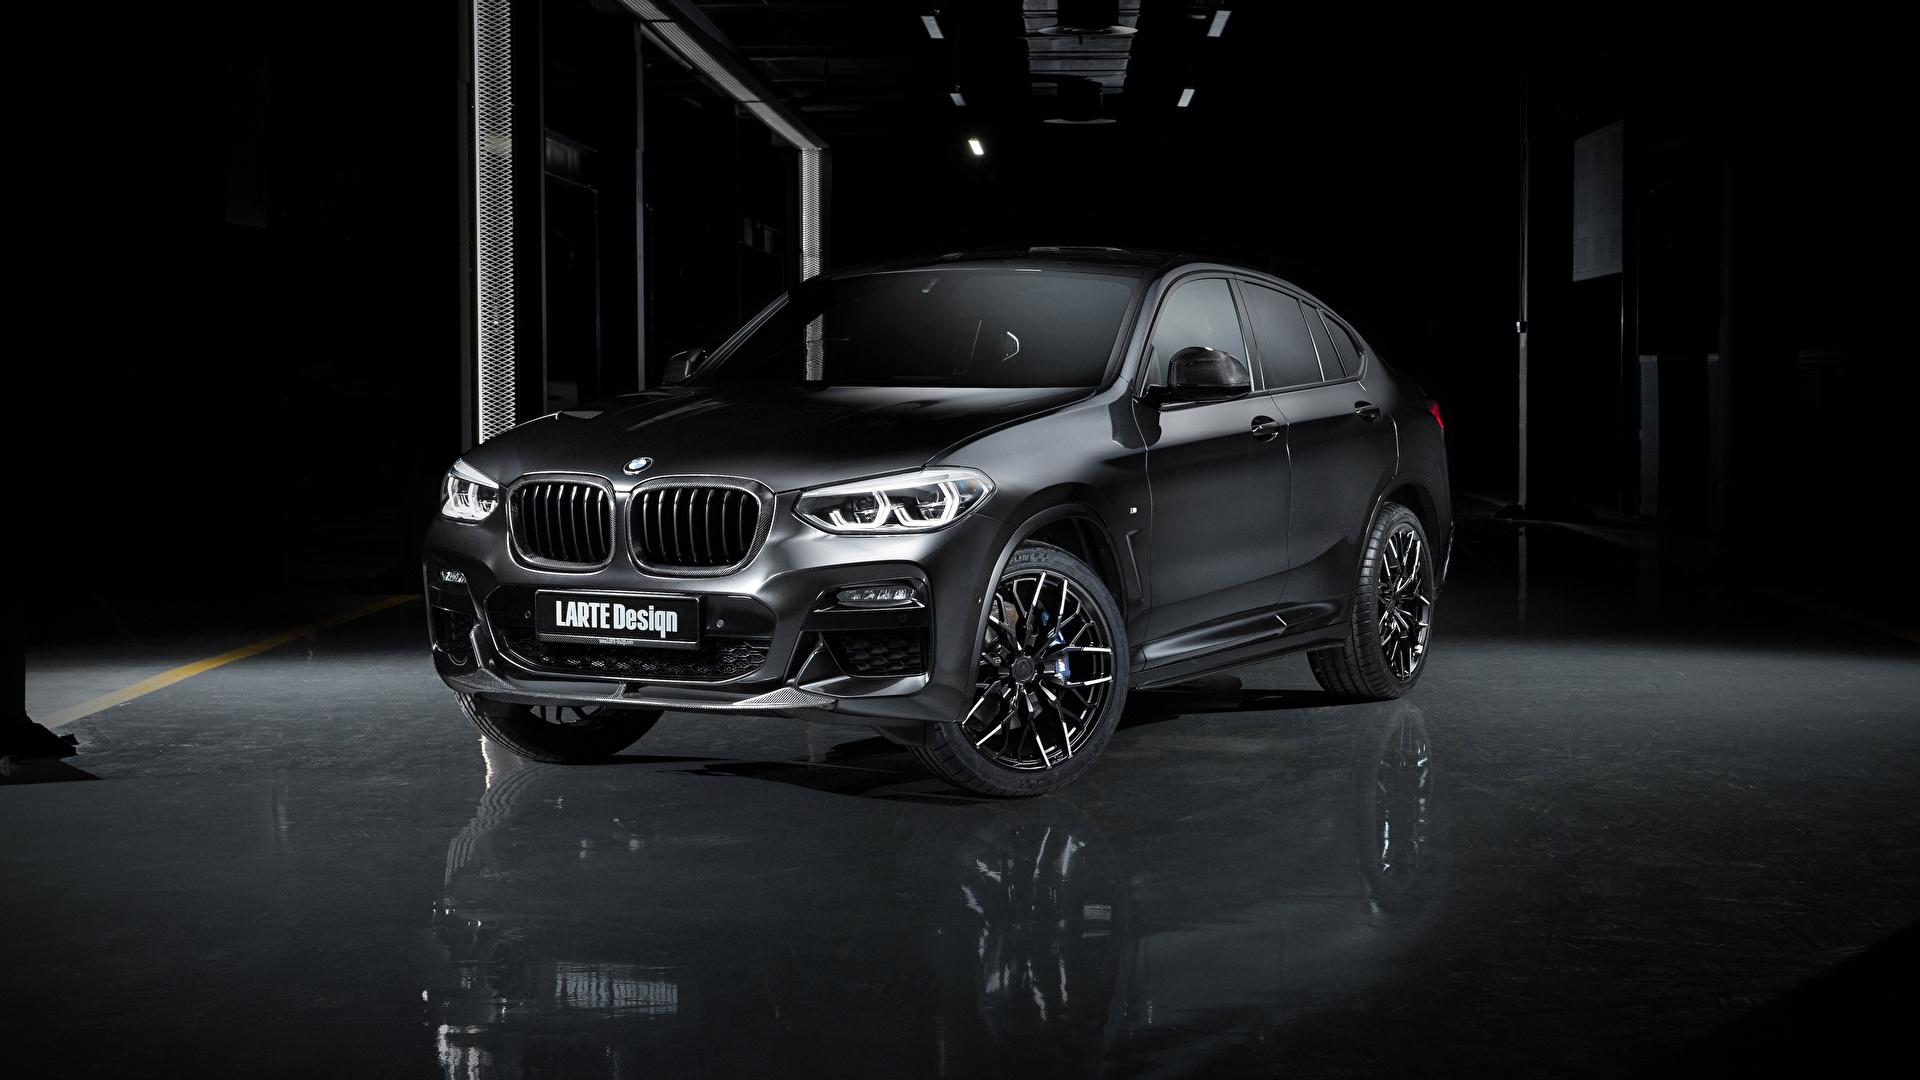 Картинки БМВ Кроссовер 2020 Larte Design BMW X4 Черный Автомобили 1920x1080 CUV черная черные черных авто машины машина автомобиль